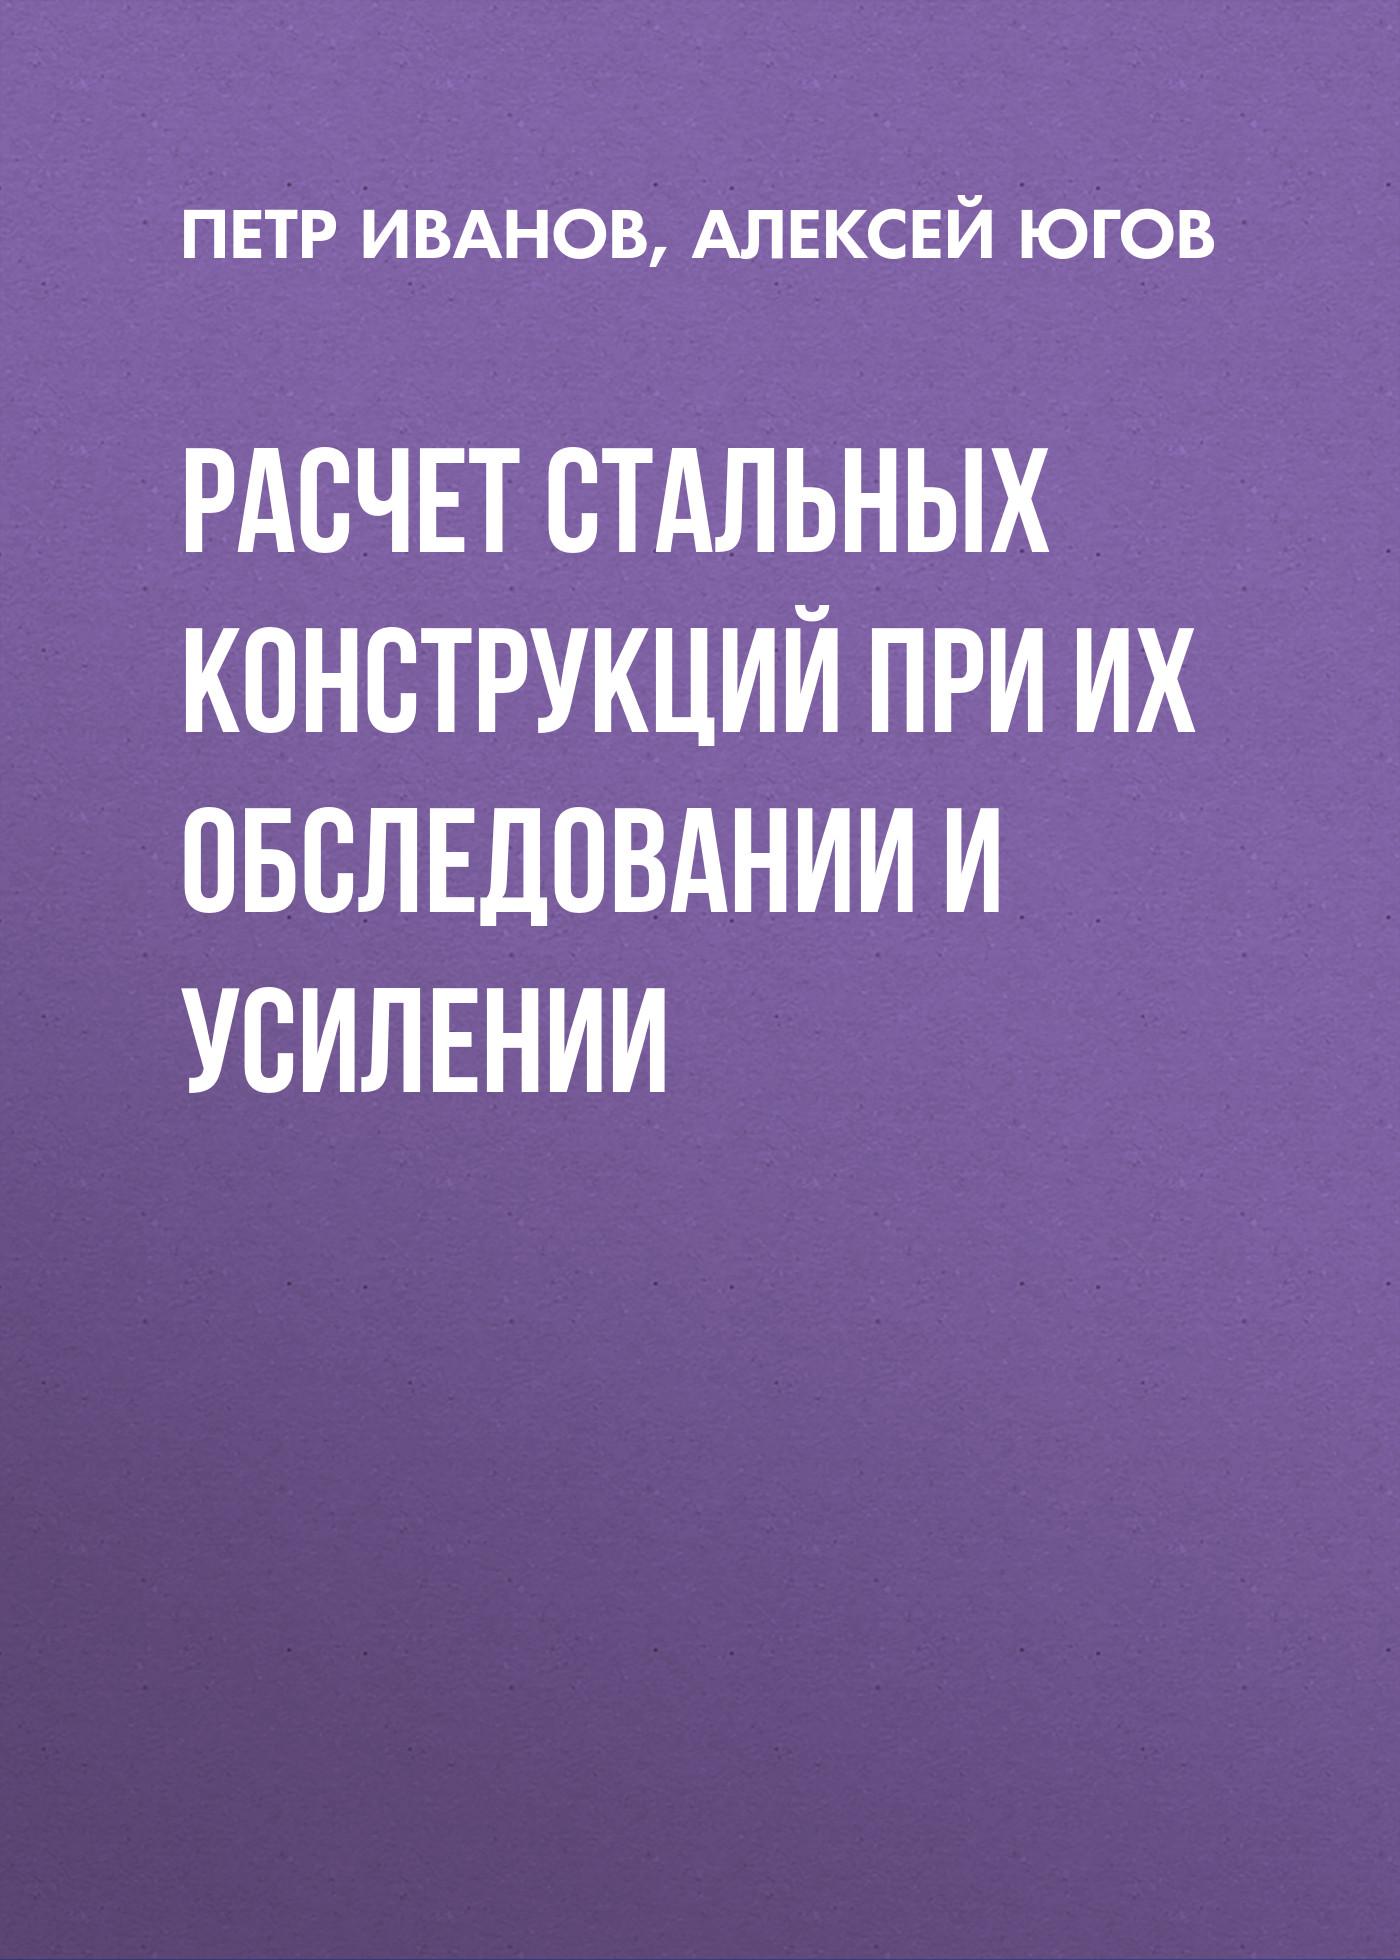 П. С. Иванов Расчет стальных конструкций при их обследовании и усилении